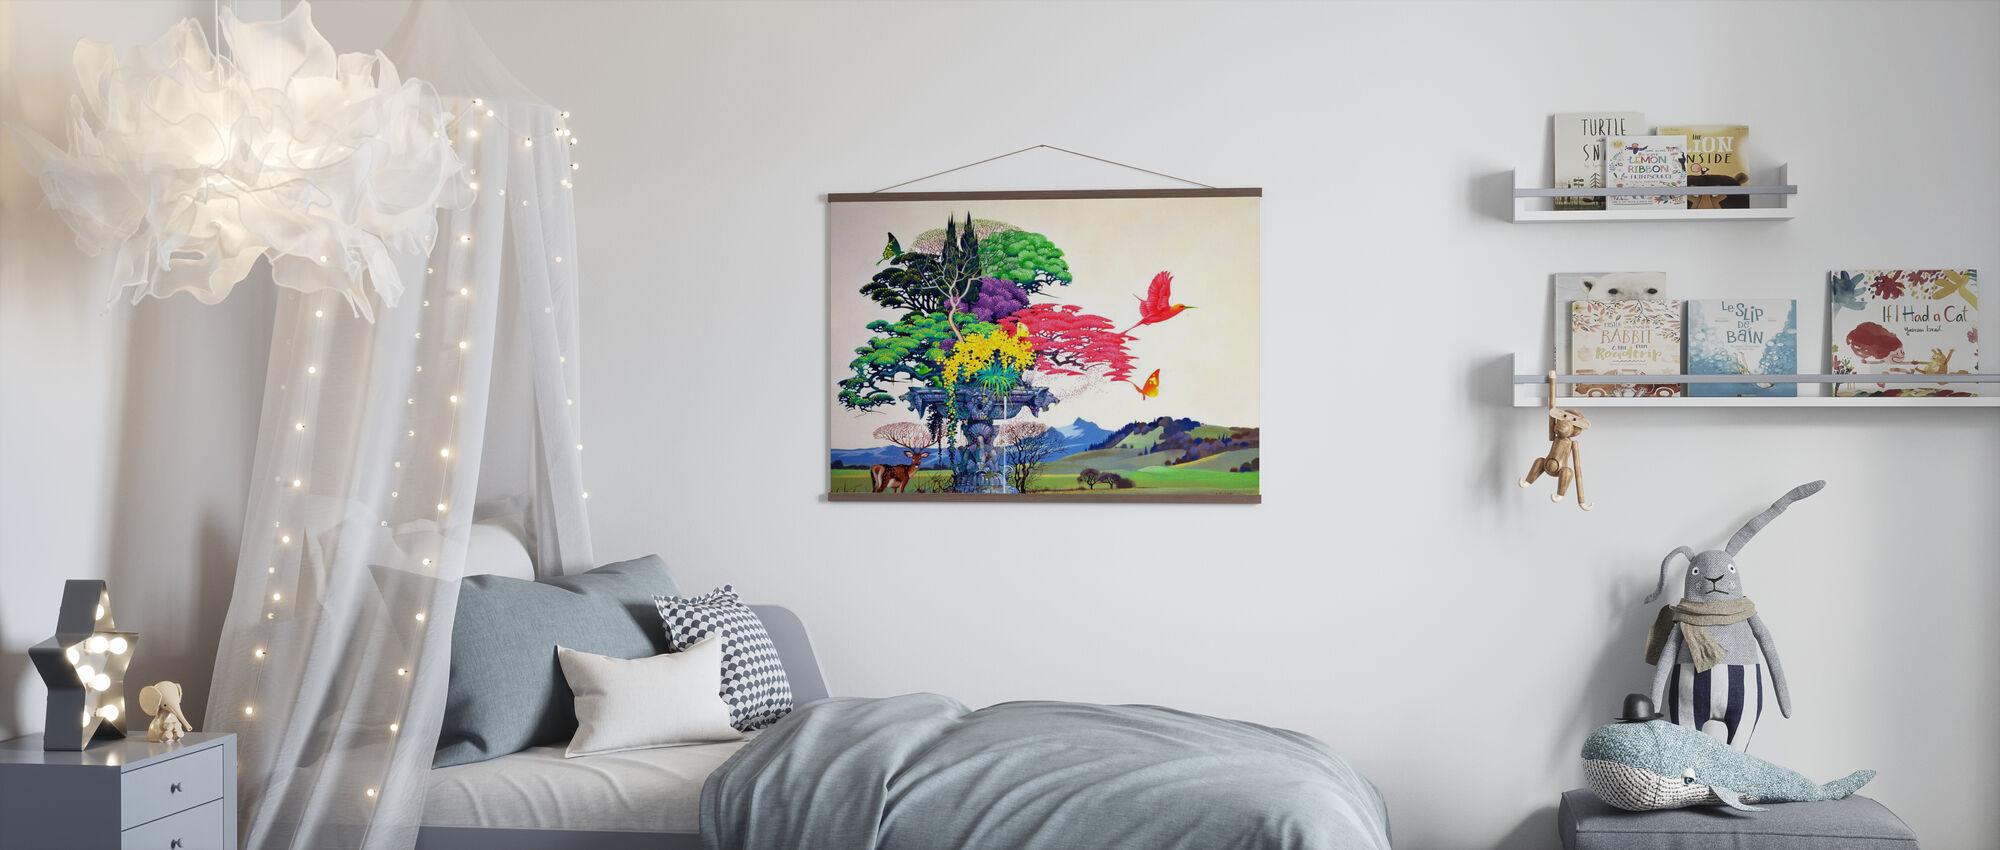 Regenbogenbaum - Poster - Kinderzimmer